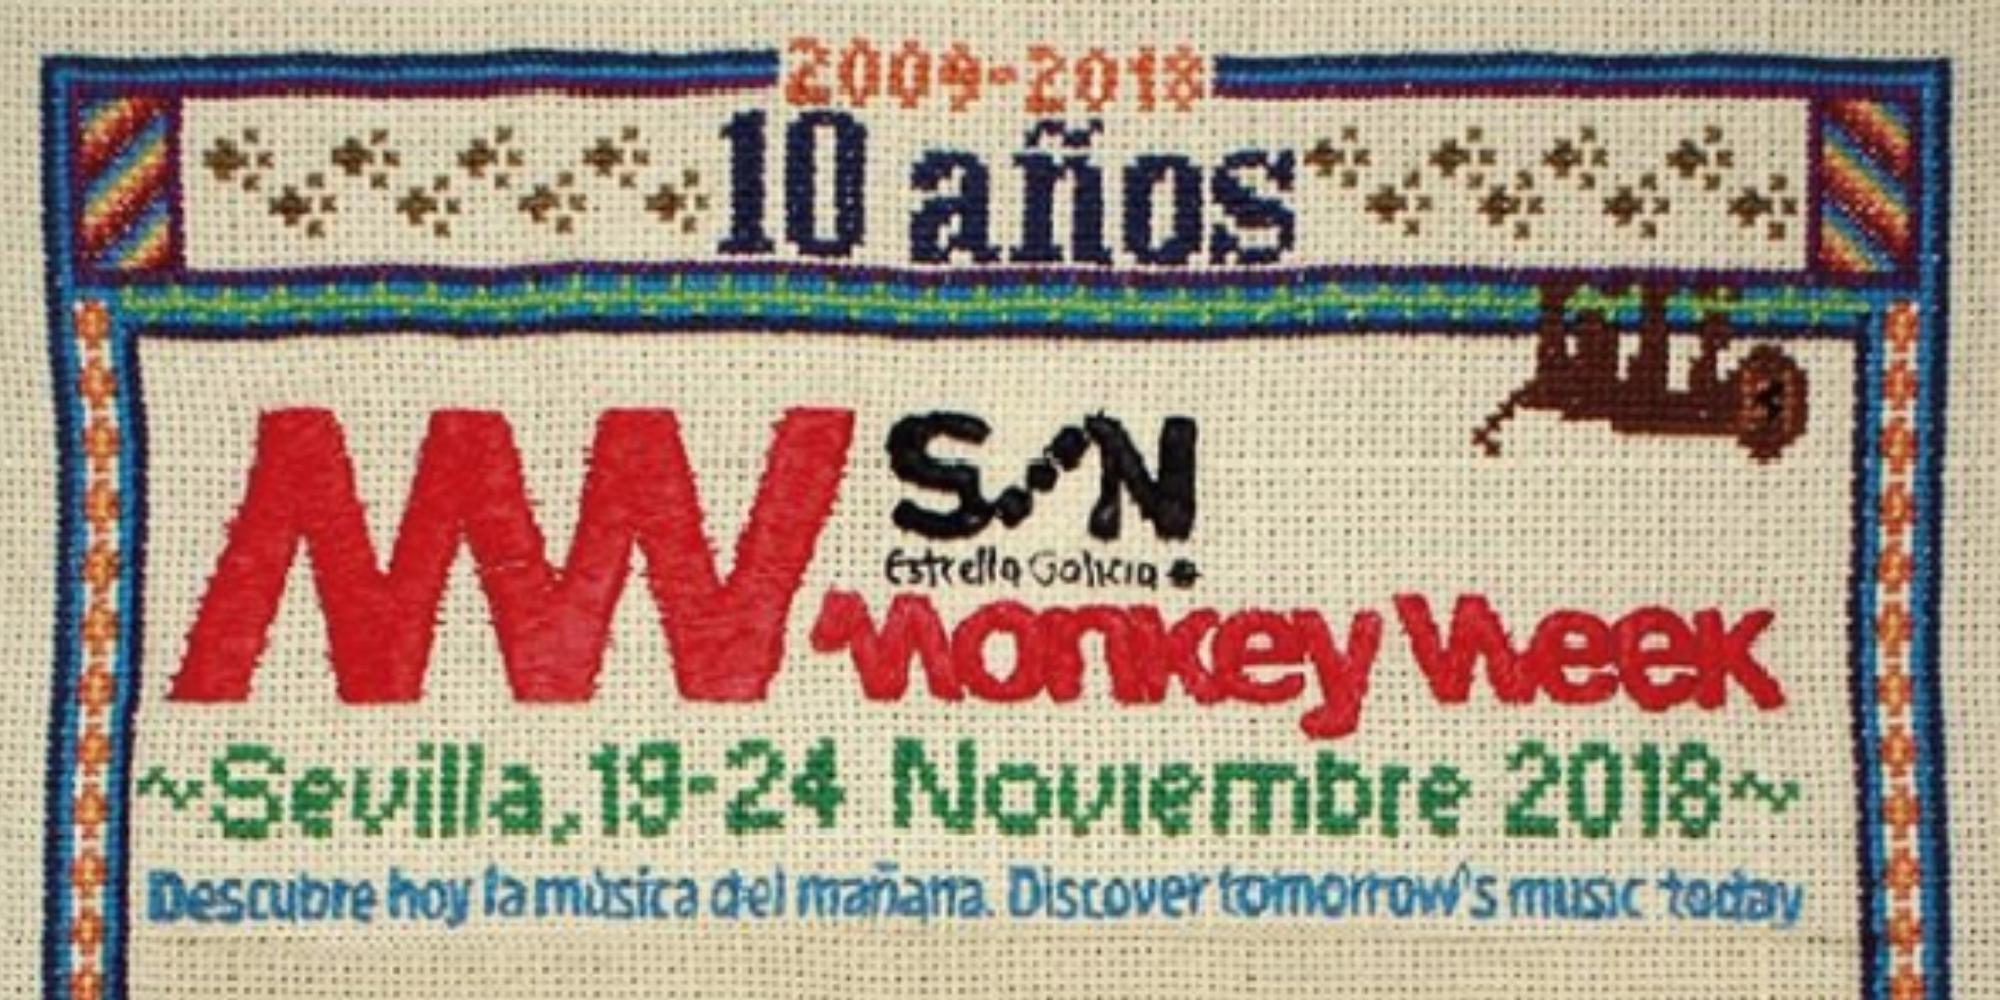 Monkey Week. Europa, música y nuevas políticas culturales (INES SESSION)